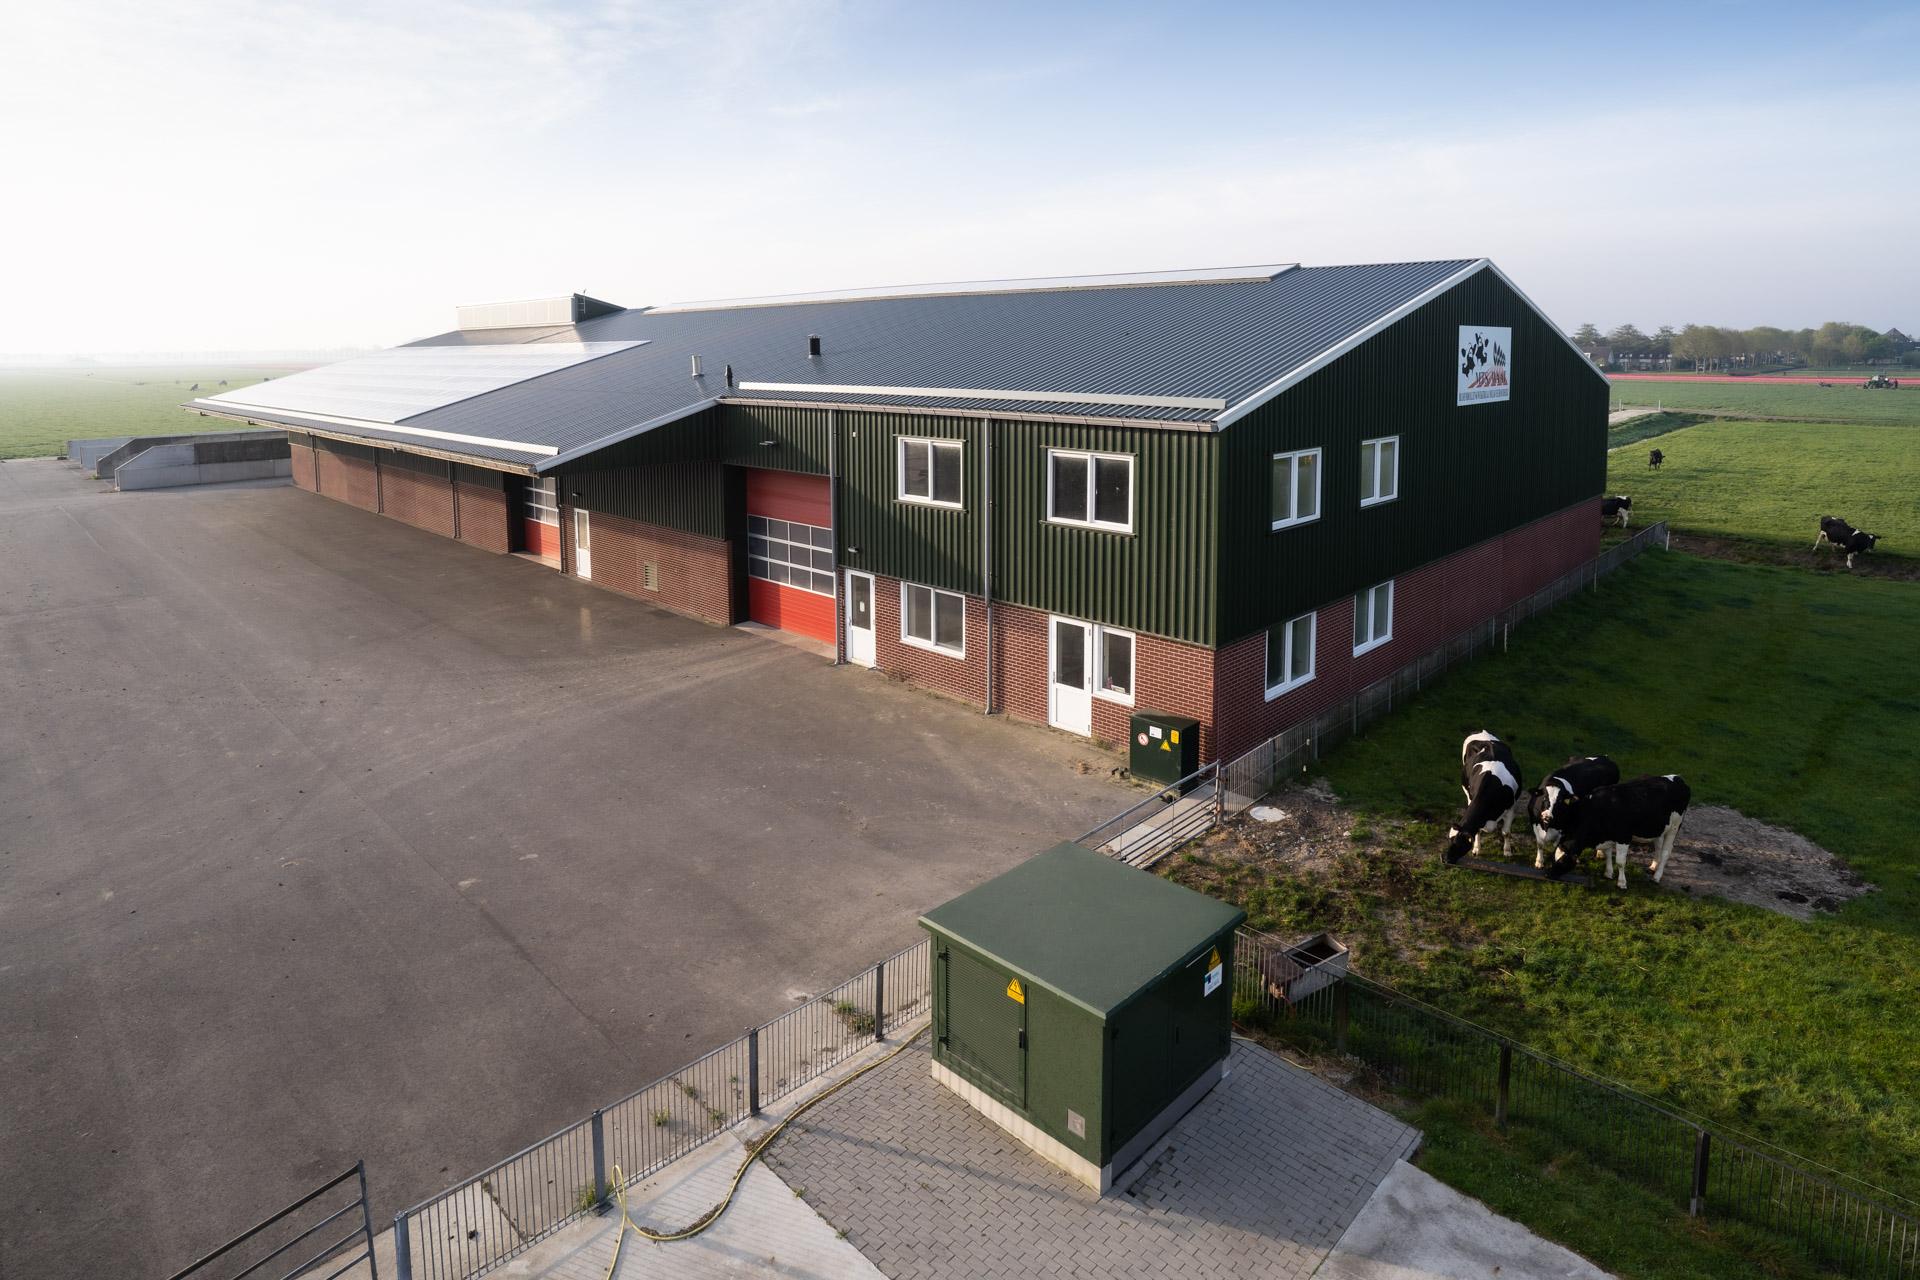 Nieuwbouw bedrijfsruimte tulpenteelt en broeierij.